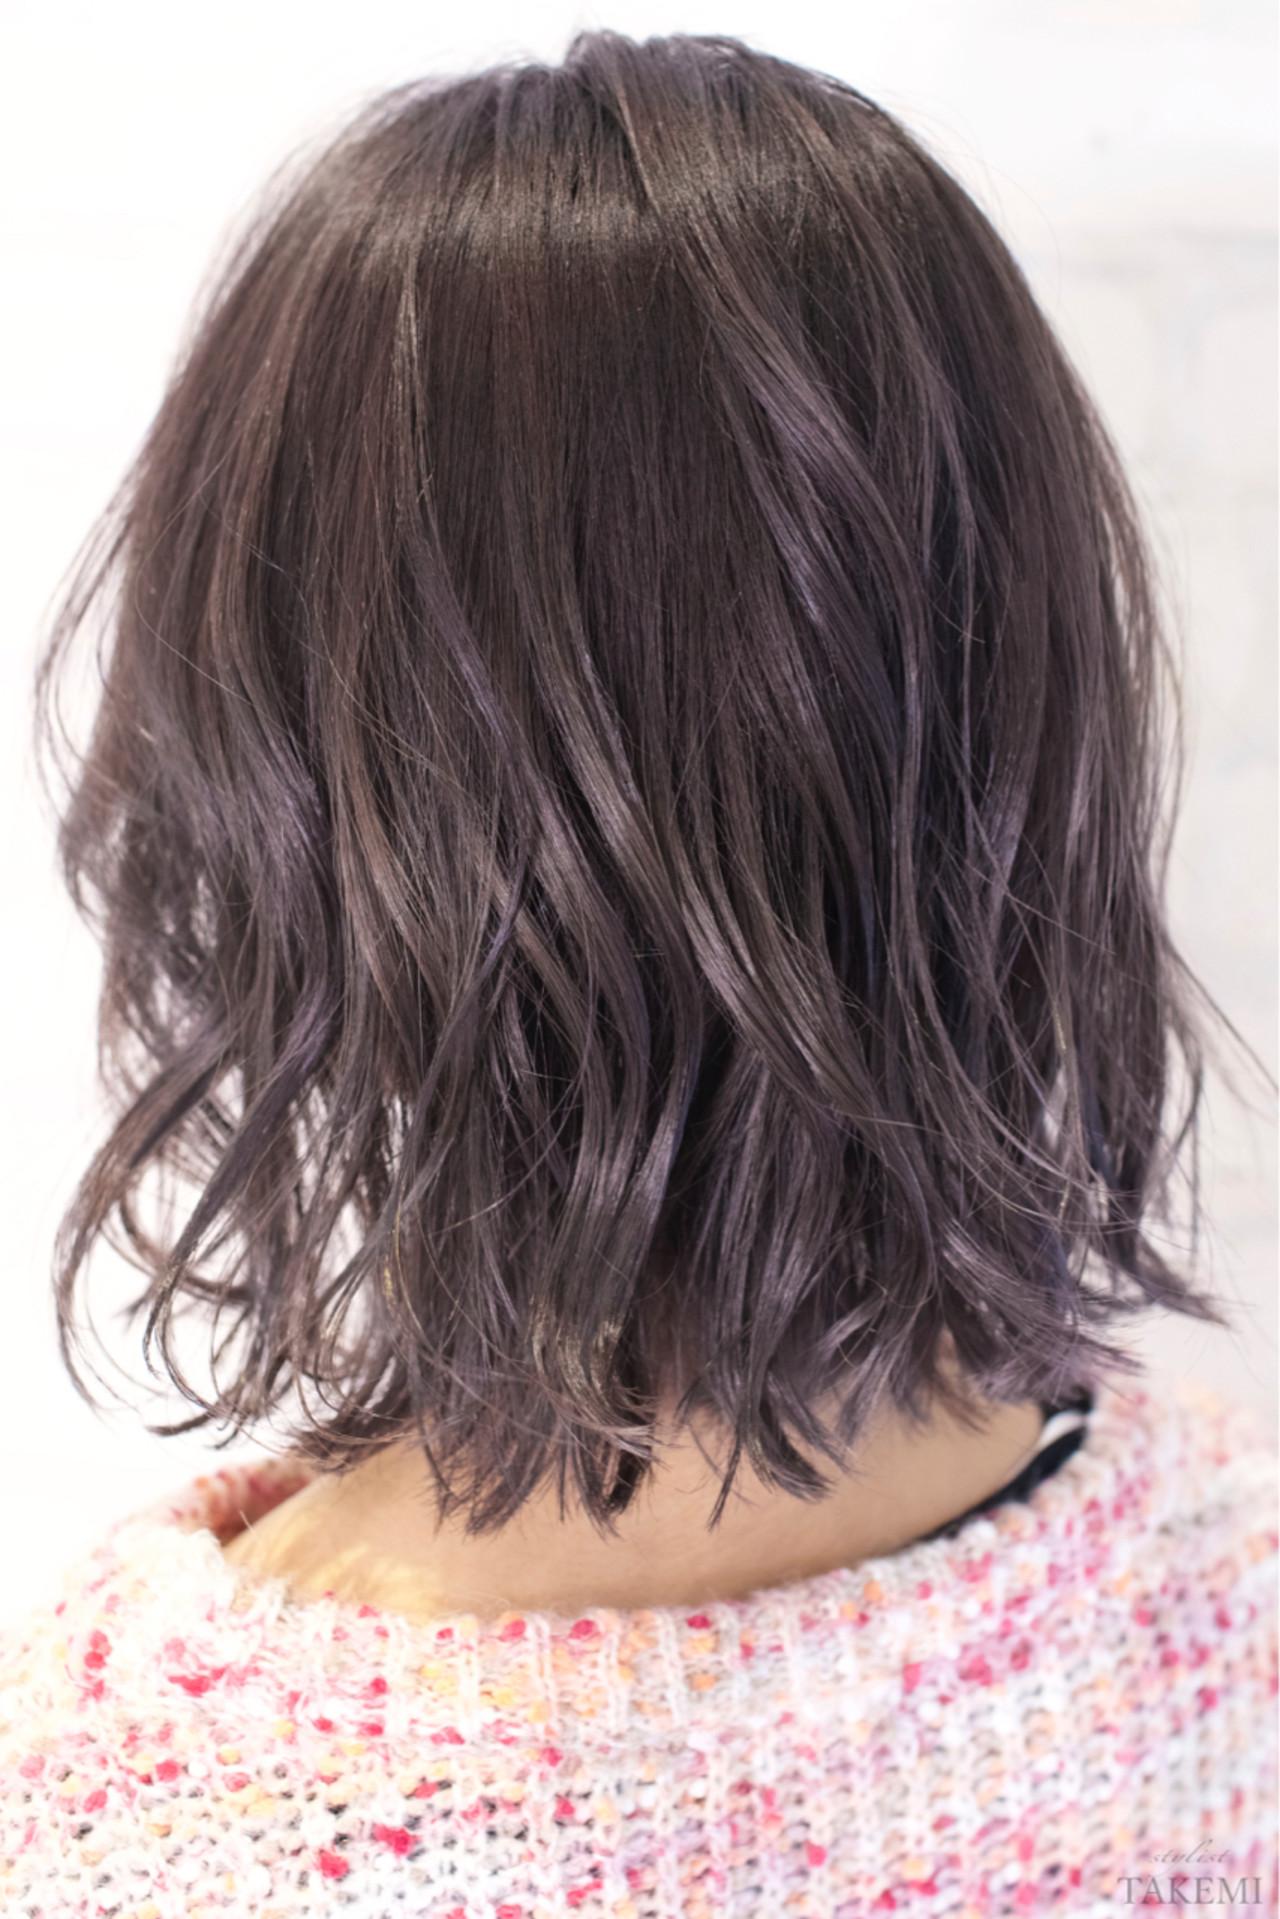 ダブルカラー 外国人風カラー ハイライト バレイヤージュヘアスタイルや髪型の写真・画像